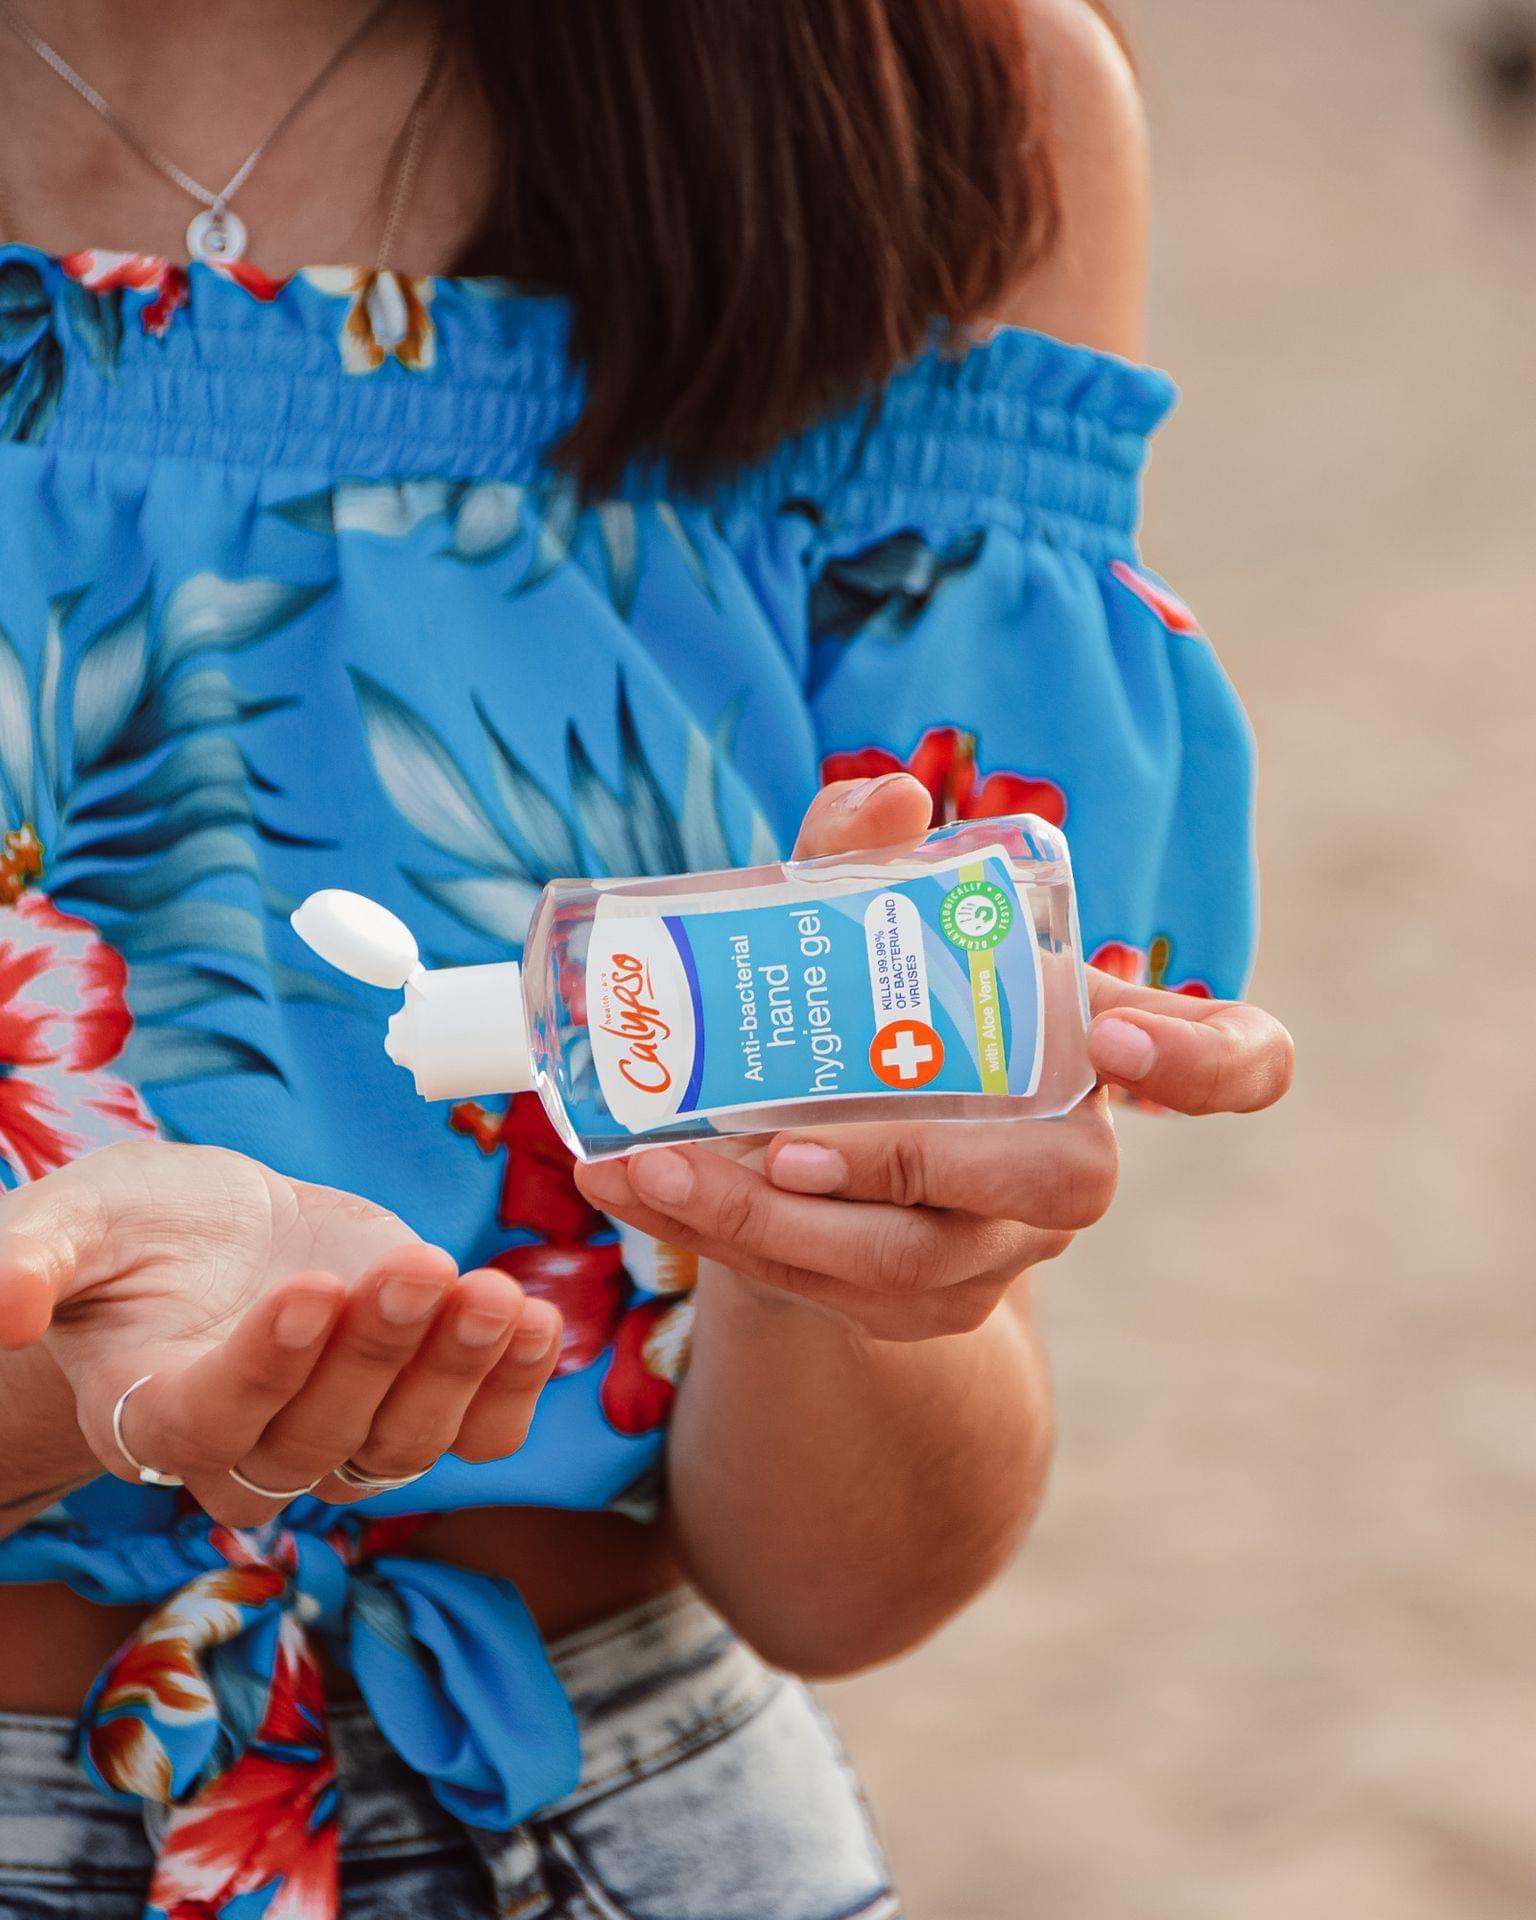 Calypso Hand Hygiene Gel 100ml use on a beach